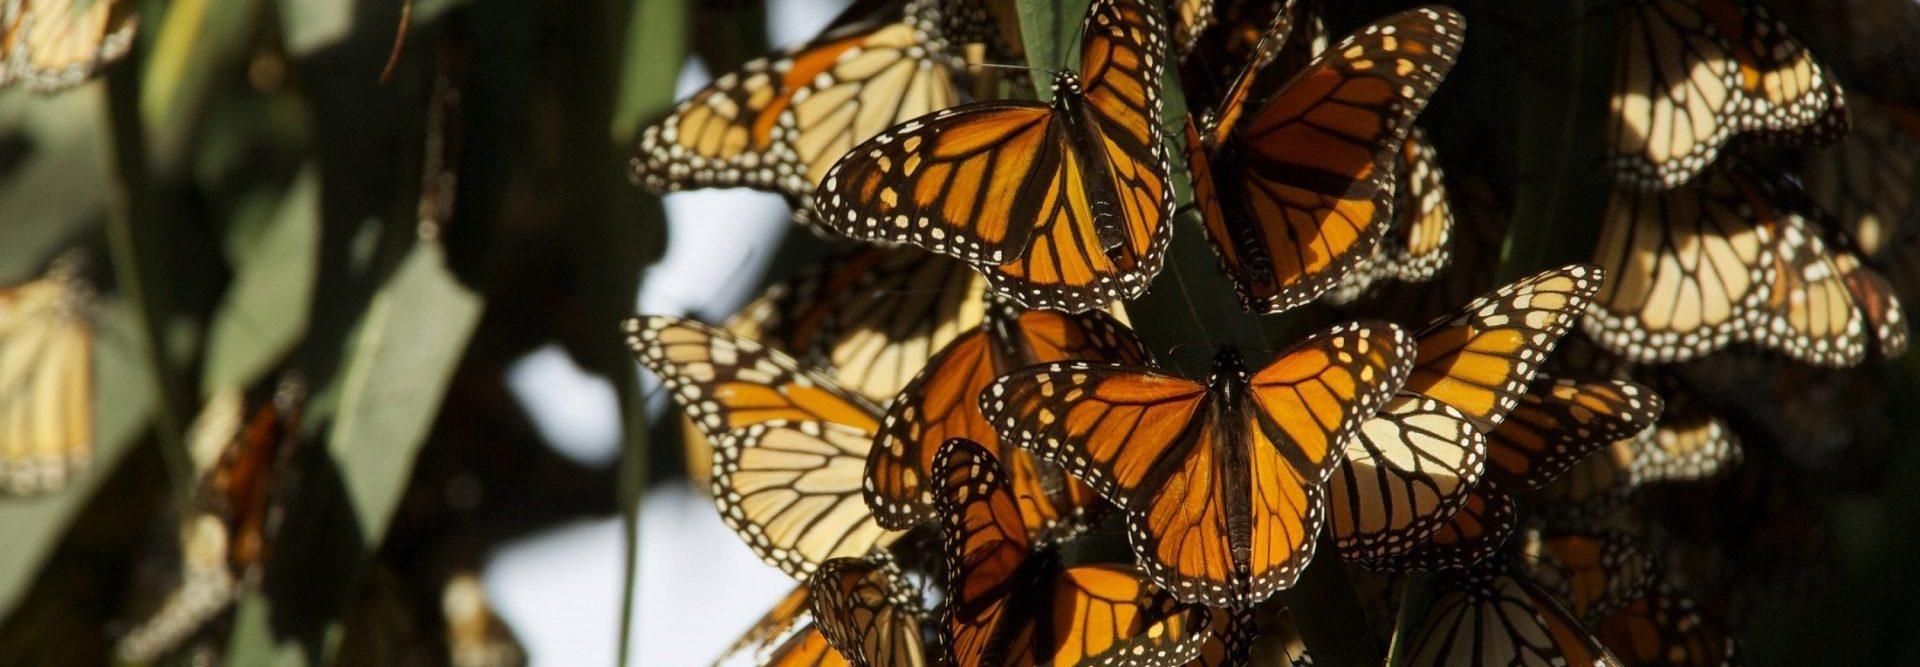 véloroute des monarques - papillon monarque - cyclotourisme 0 la cyclonomade - voyage à vélo - amérique du nord à vélo - plateforme cyclotourisme